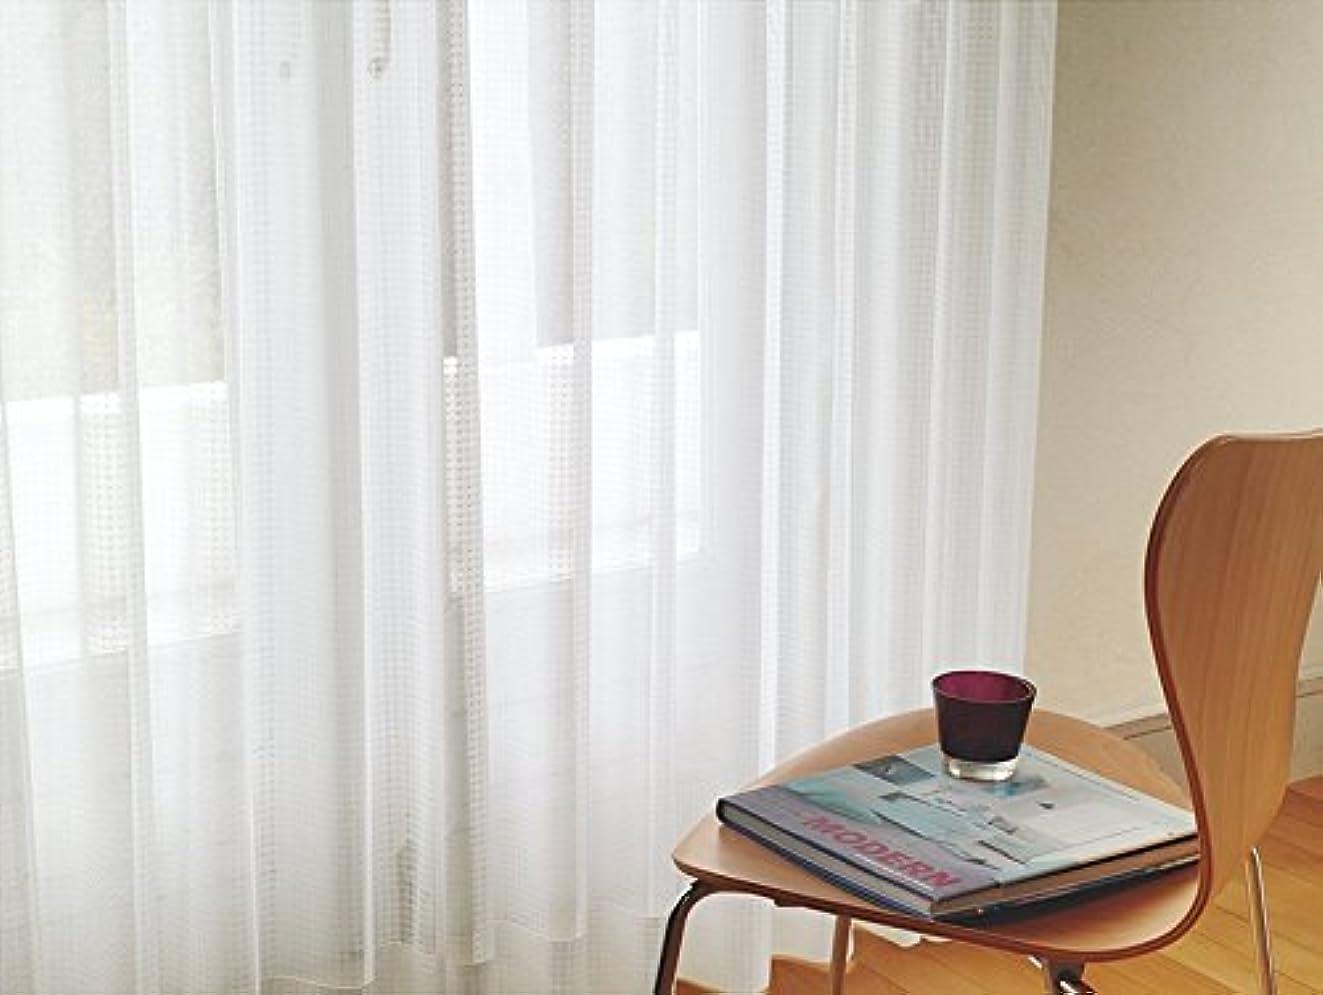 一般化するスリーブ利得東リ 透け感の違いで表現したデザイン カーテン2.5倍ヒダ KSA60490 幅:200cm ×丈:230cm (2枚組)オーダーカーテン